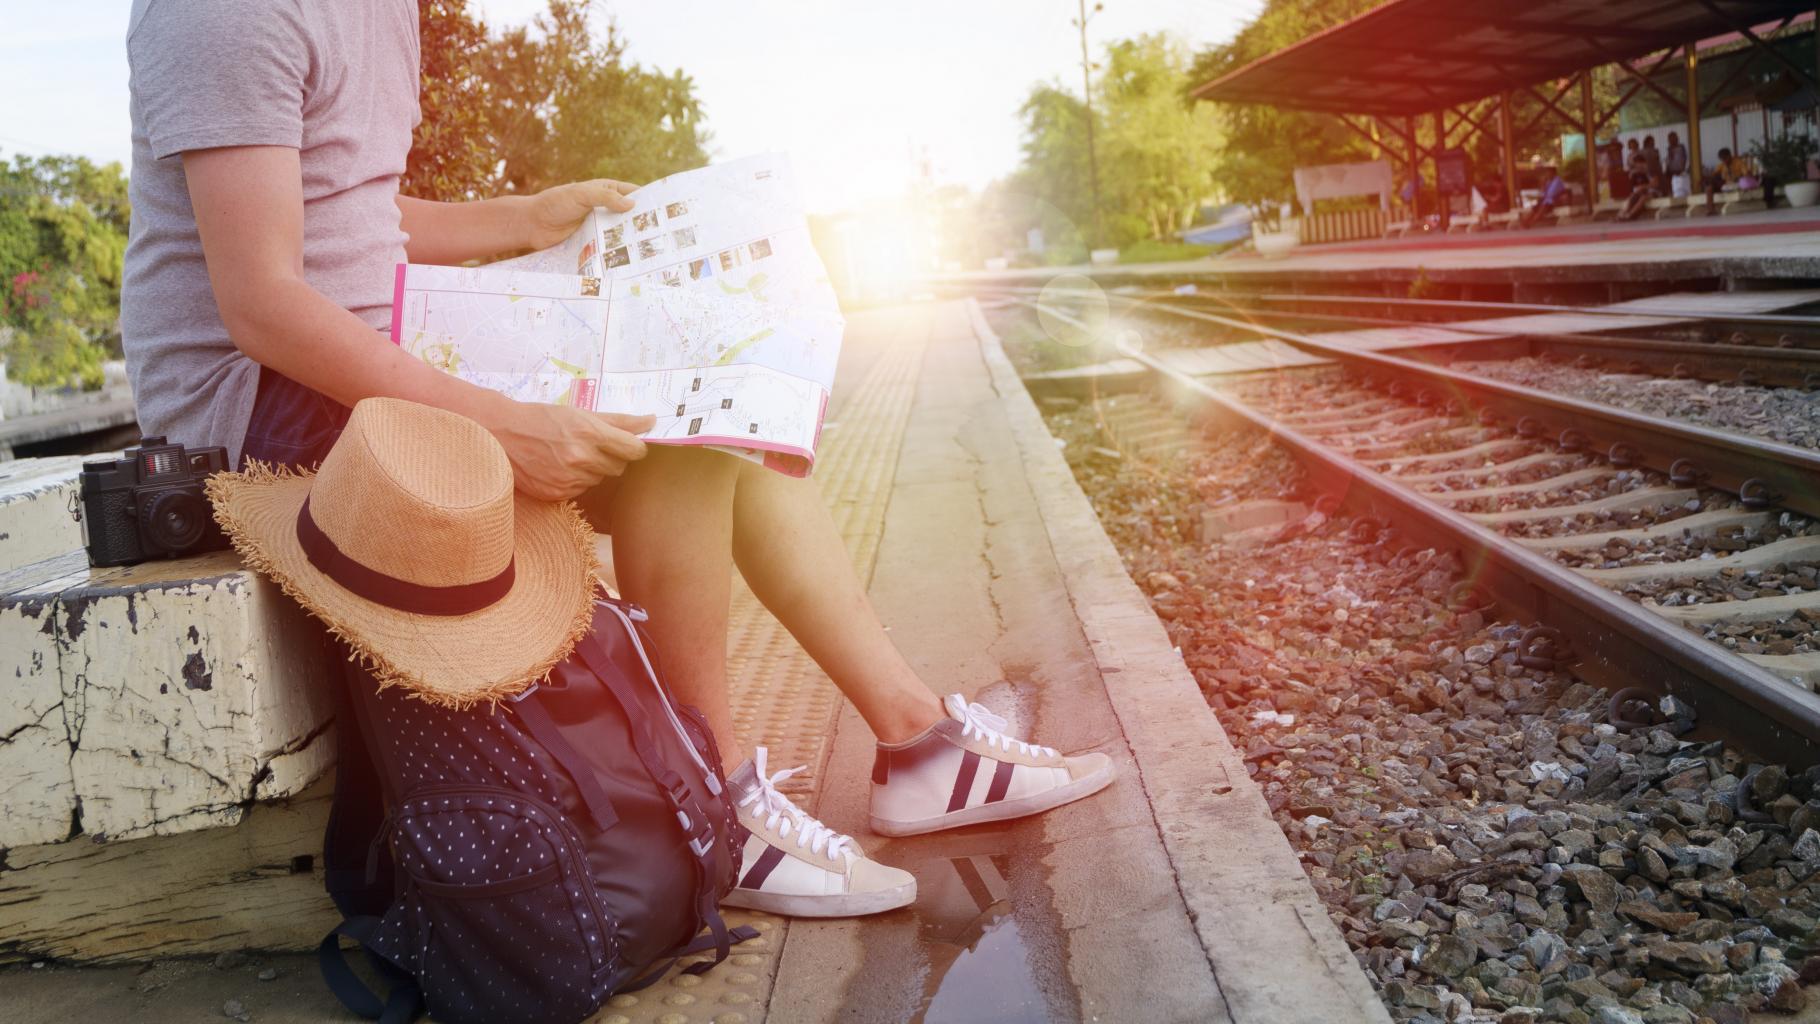 Ein Mann sitzt nebst Rucksack, Kamera und Strohhut an einem Bahnsteig und studiert eine Karte.